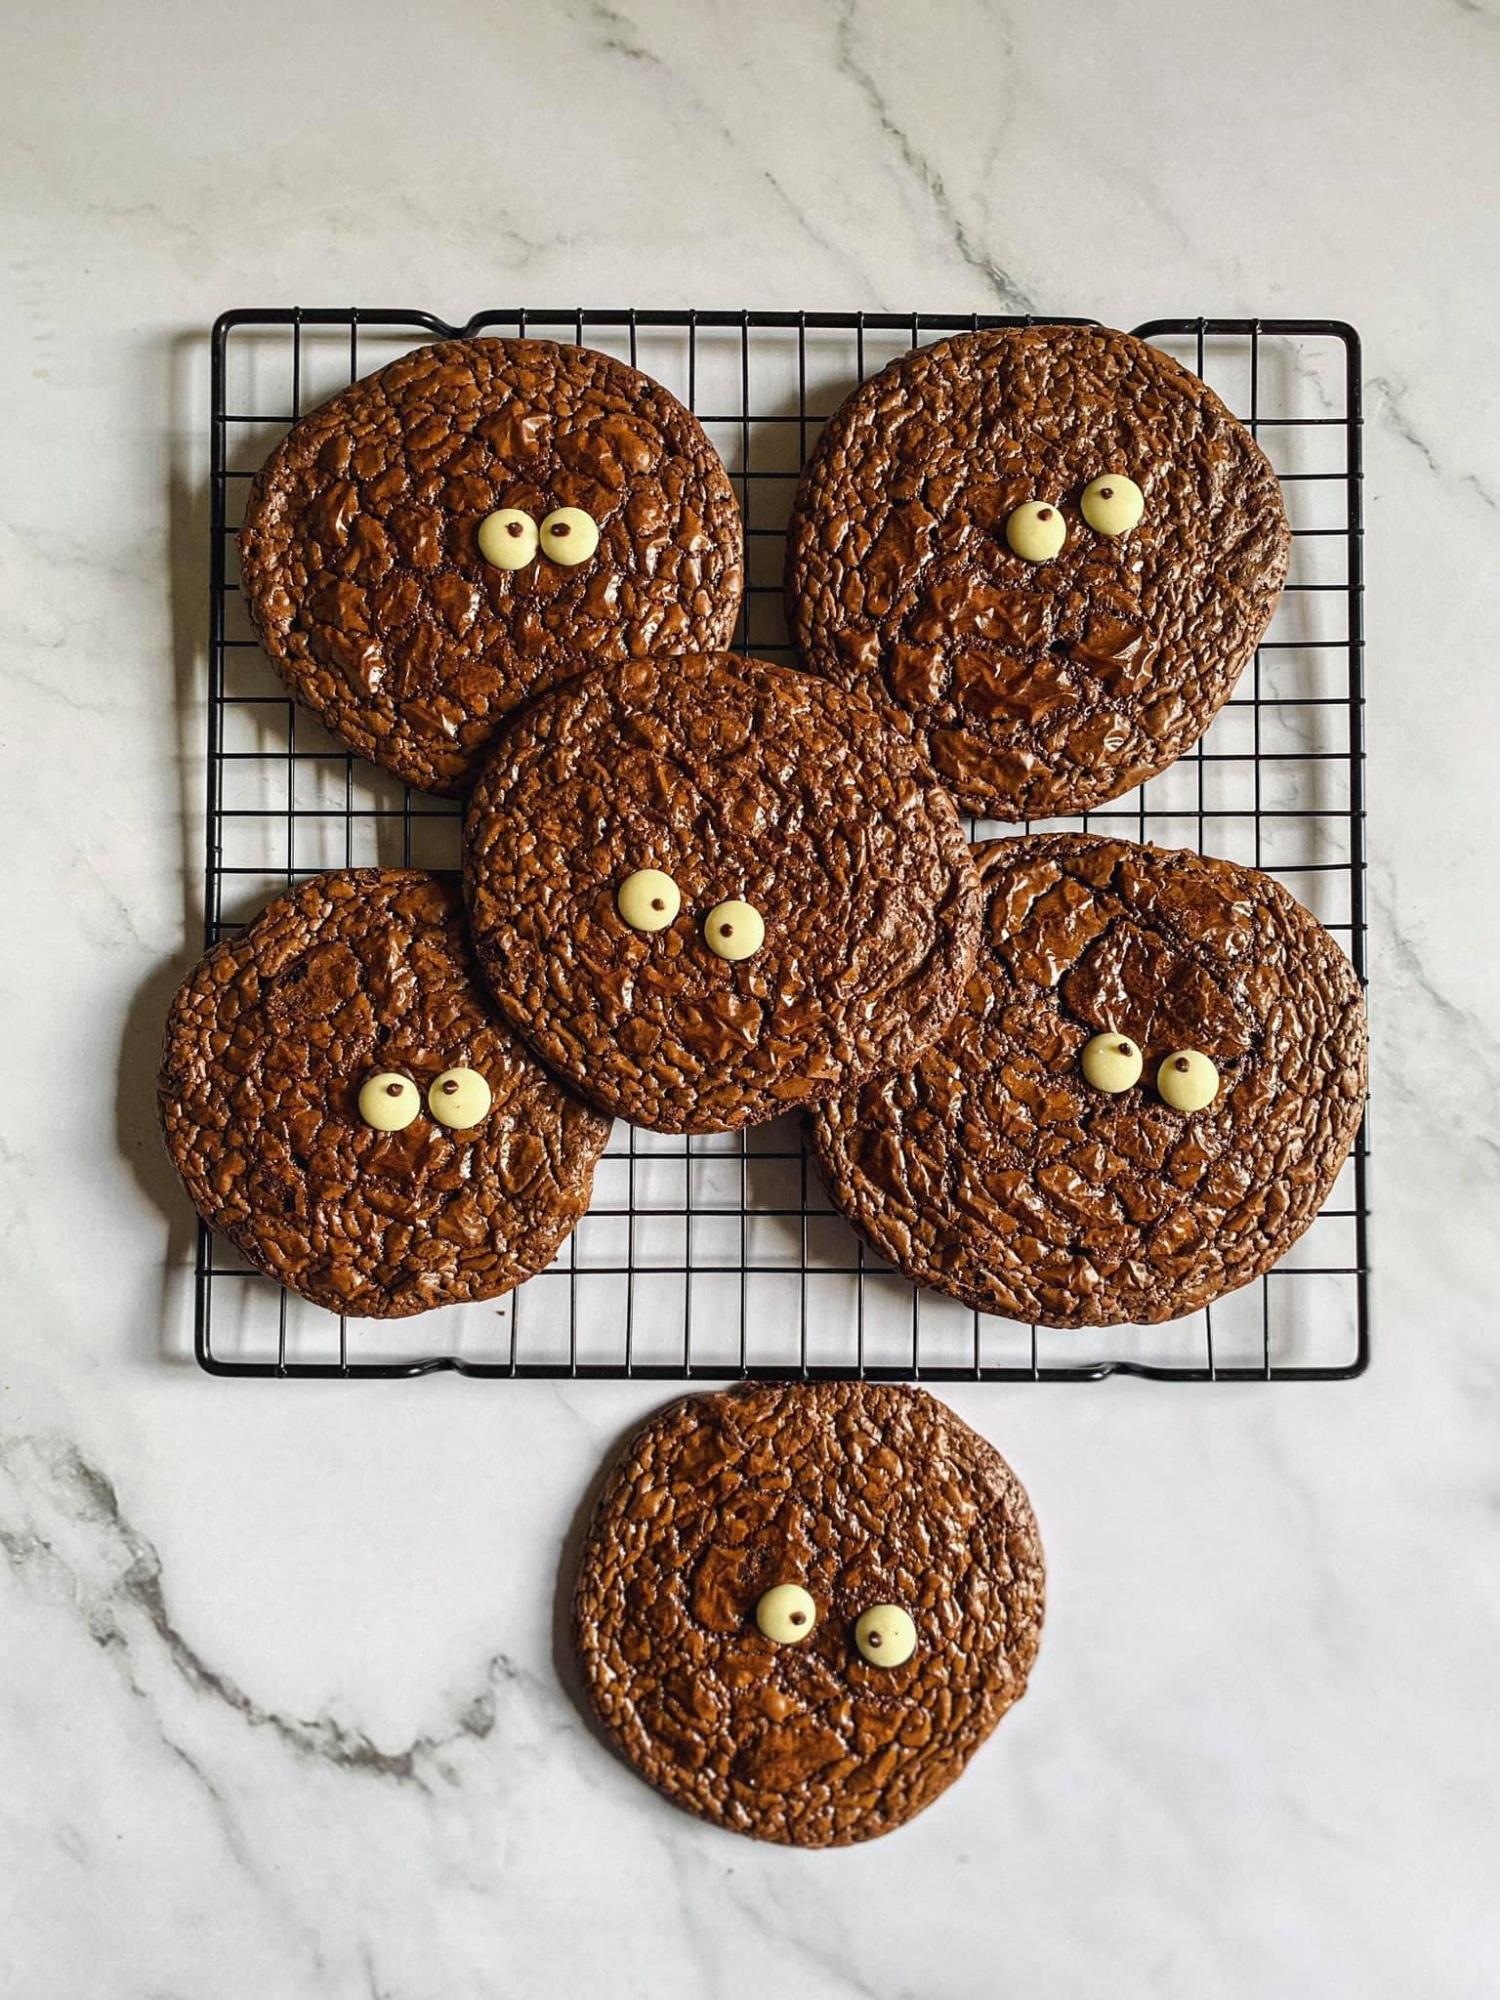 Biến cuộc sống nhàm chán ở nhà trở nên thú vị, 'ngọt lịm' với món bánh quy 'Brownie quái vật', trẻ thì thích chồng thì khen ngon - Ảnh 7